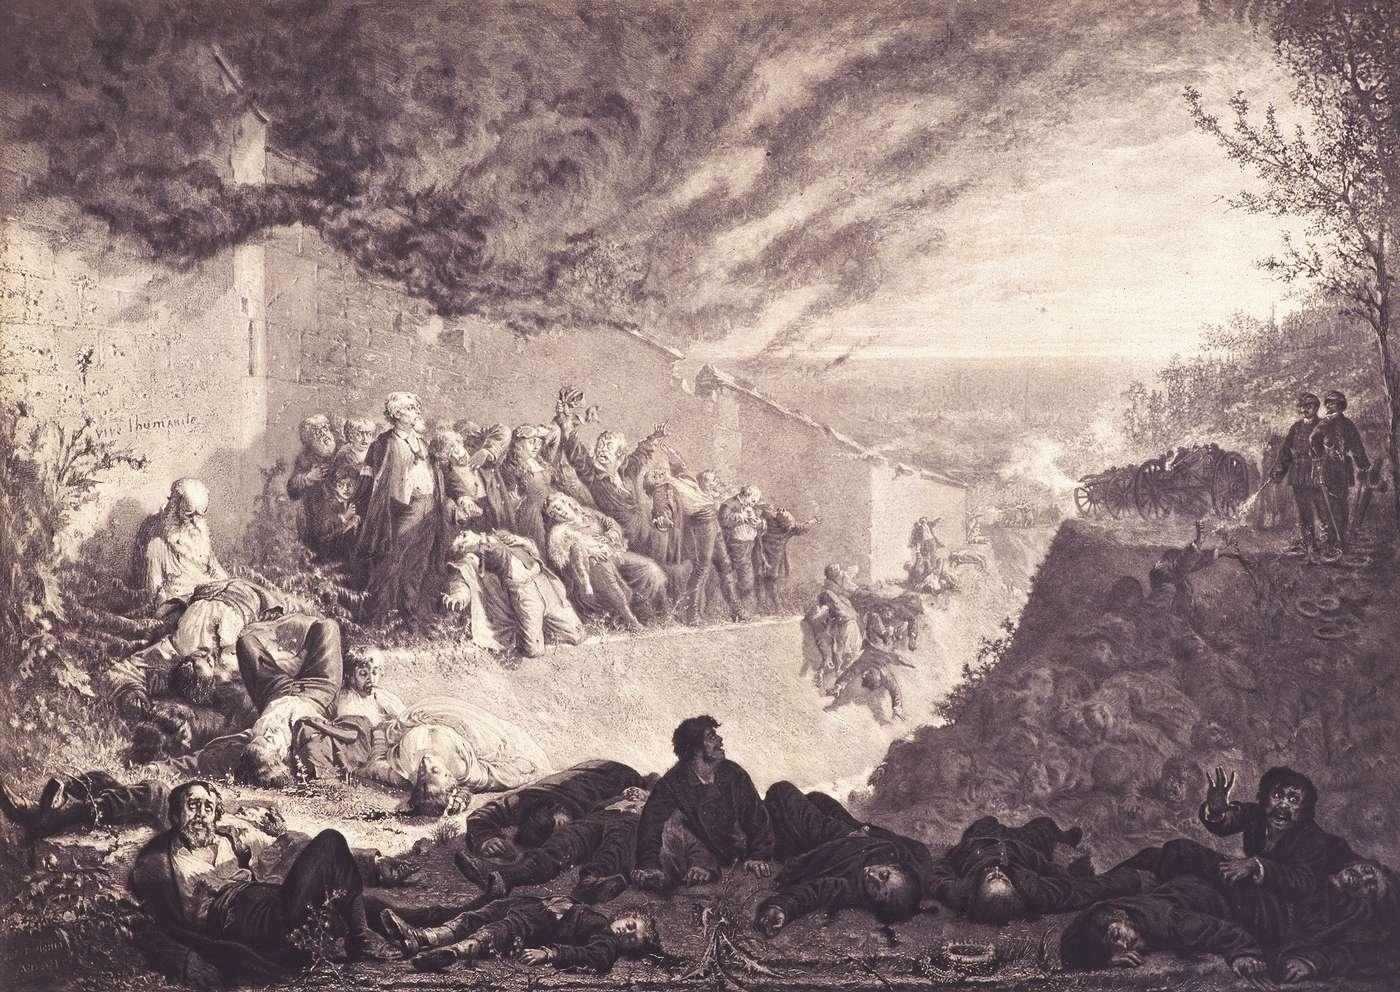 La mémoire de la Commune ou l'histoire écrite par les vainqueurs